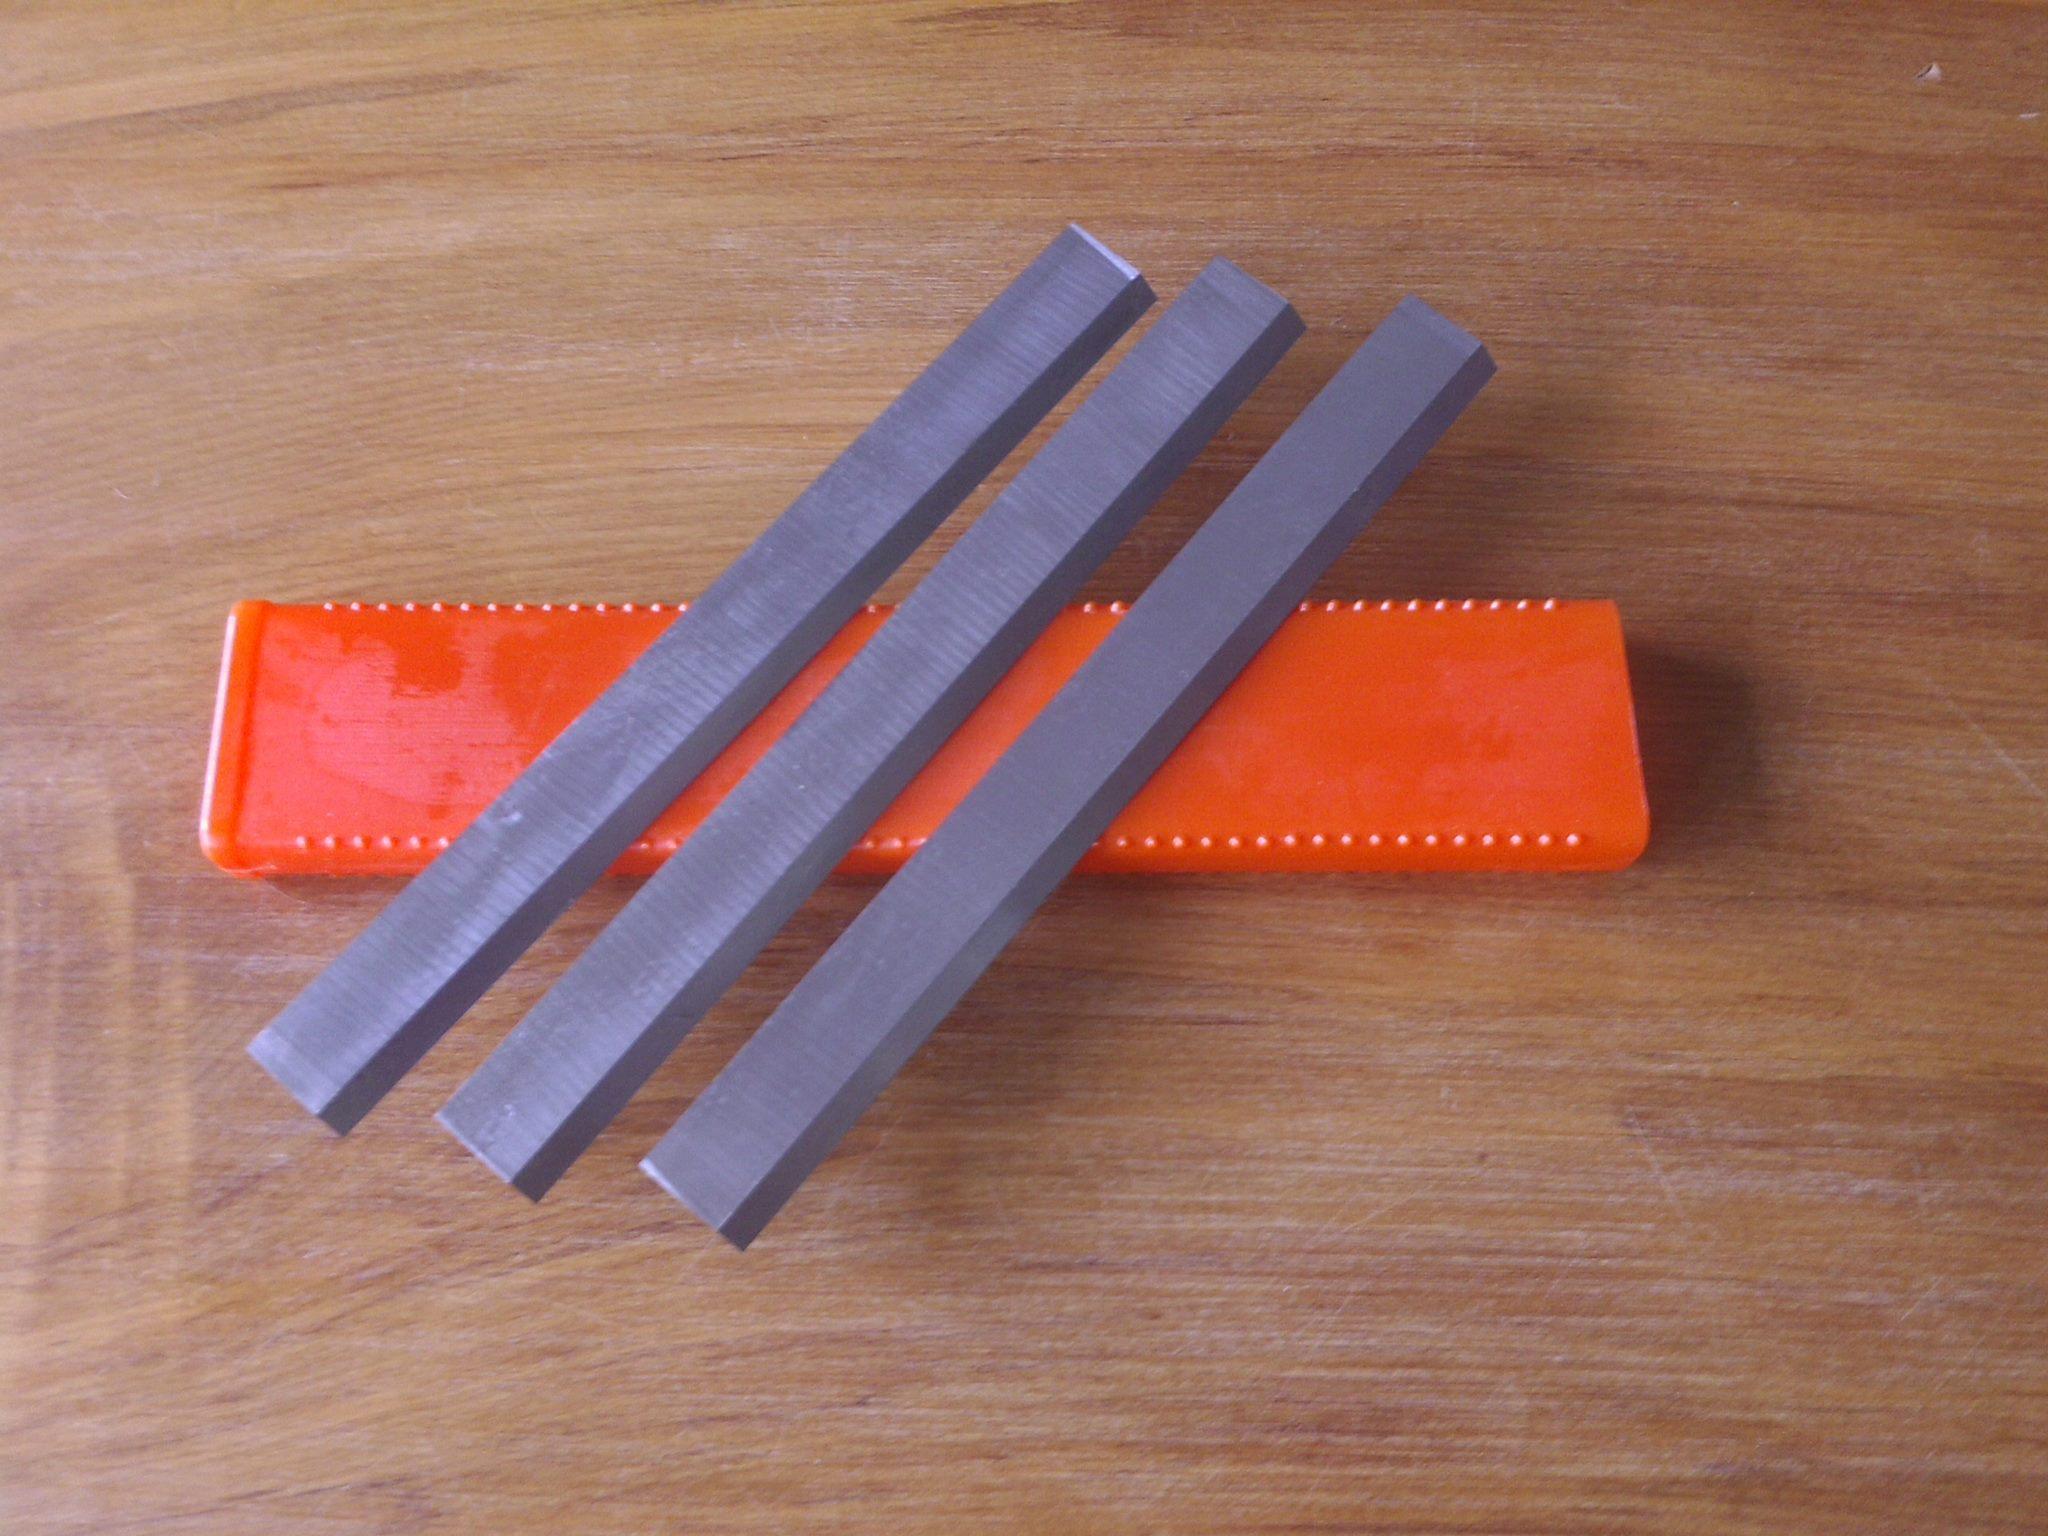 PLANER BLADES 310 X 25 X 3   12 inch